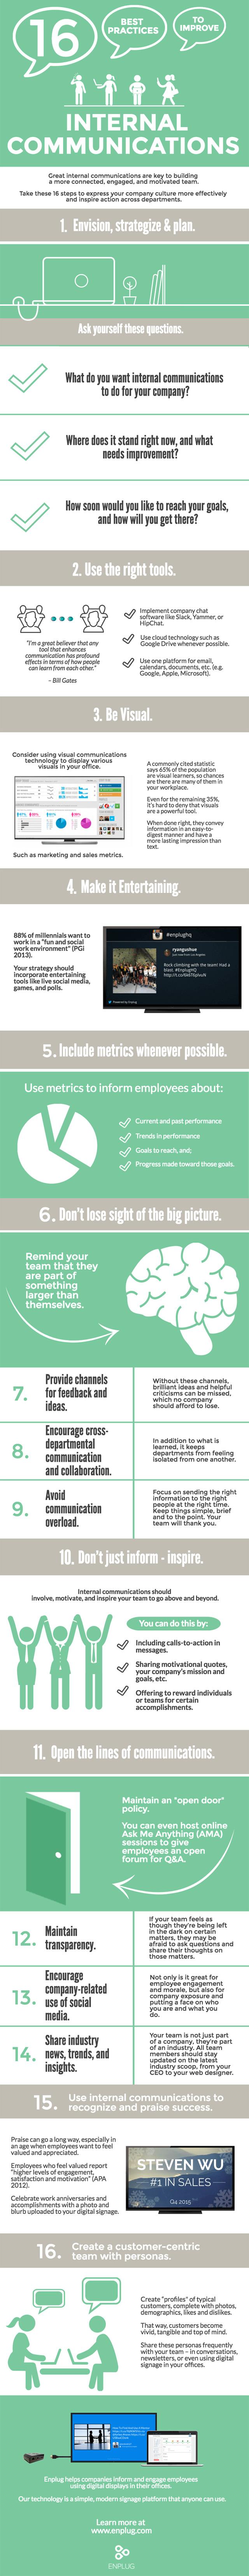 infographie sur l'engagement des collaborateurs et l'importance de la communication interne